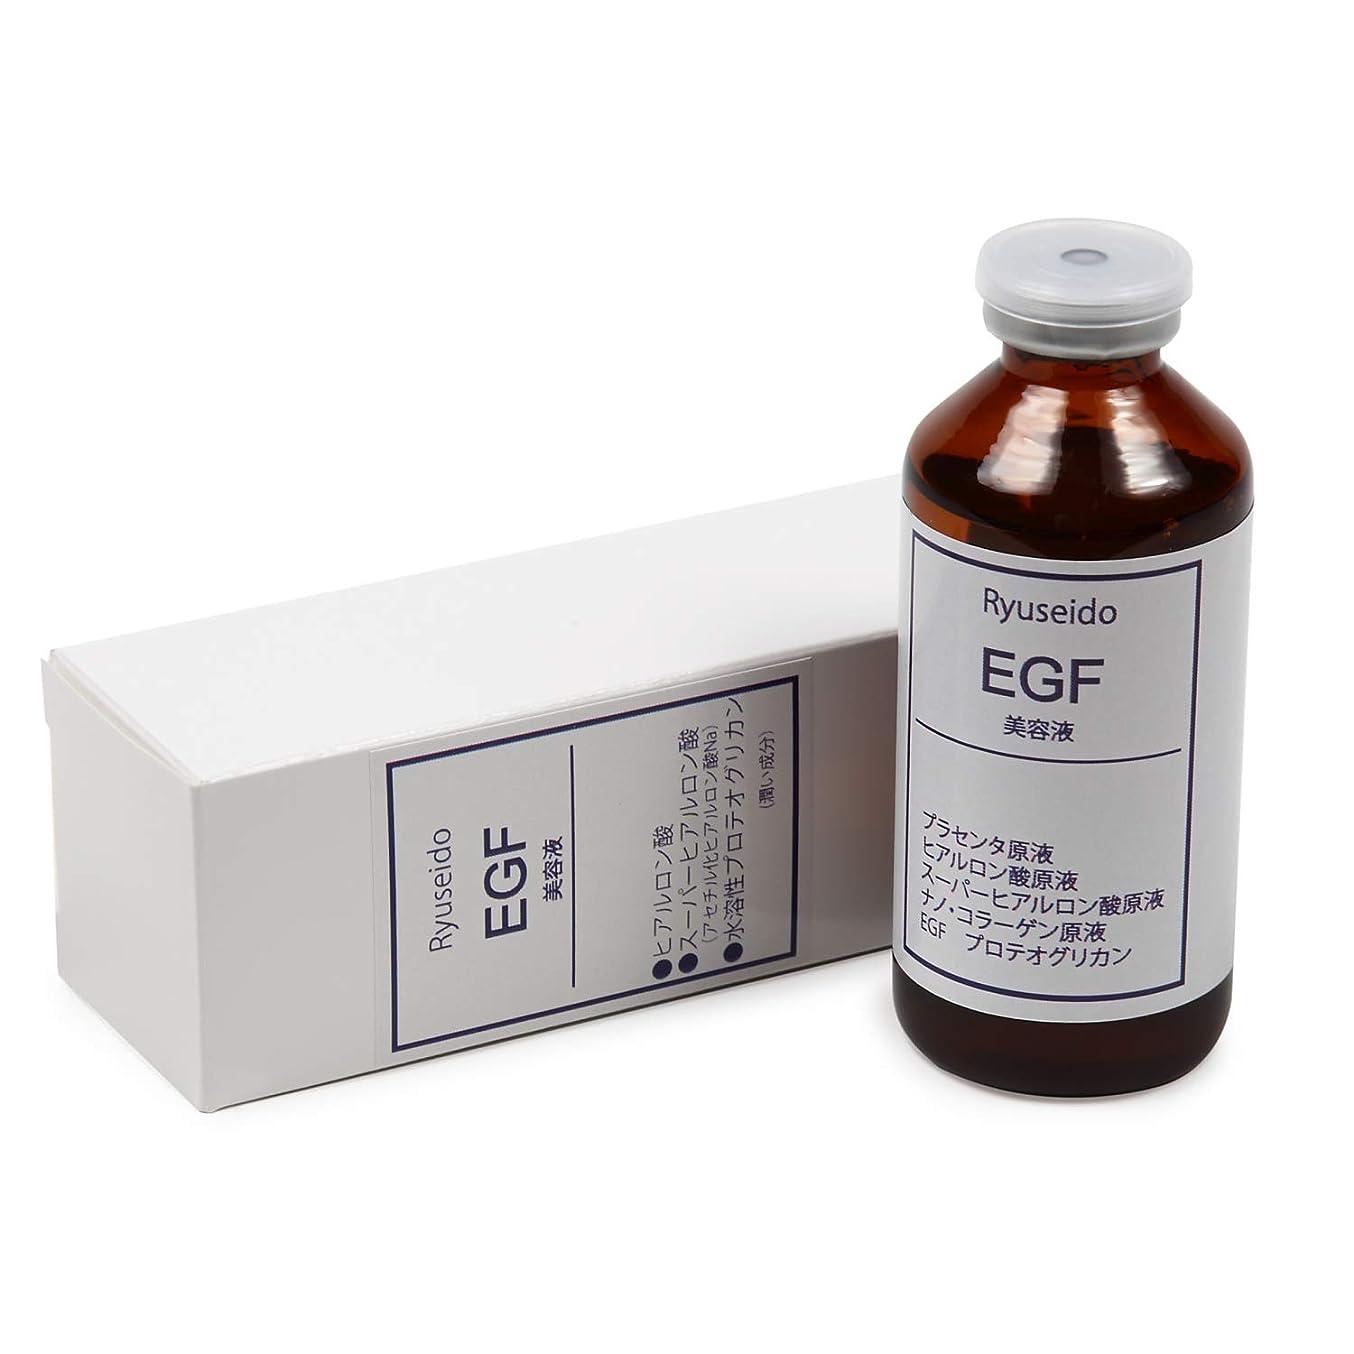 起業家火深遠10倍濃度EGFをプラセンタ?ナノコラーゲン?ヒアルロン酸原液に配合。毛穴レスできめ細かなクリアな肌に??生コラーゲン配合でキメ密度がさらにアップ。